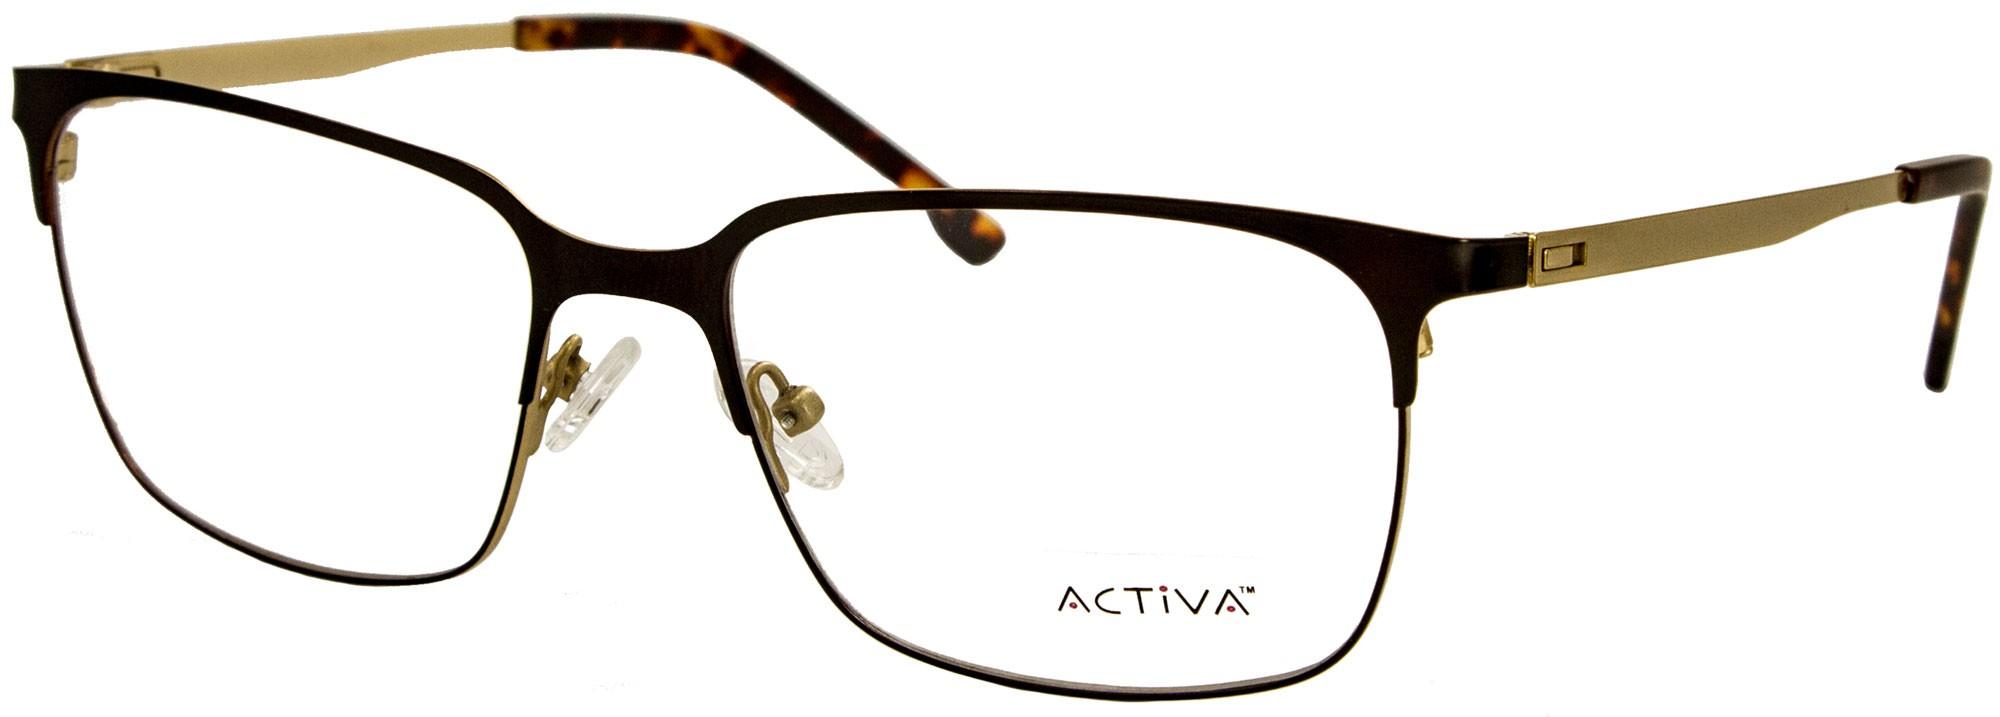 Activa 9548 C3 2